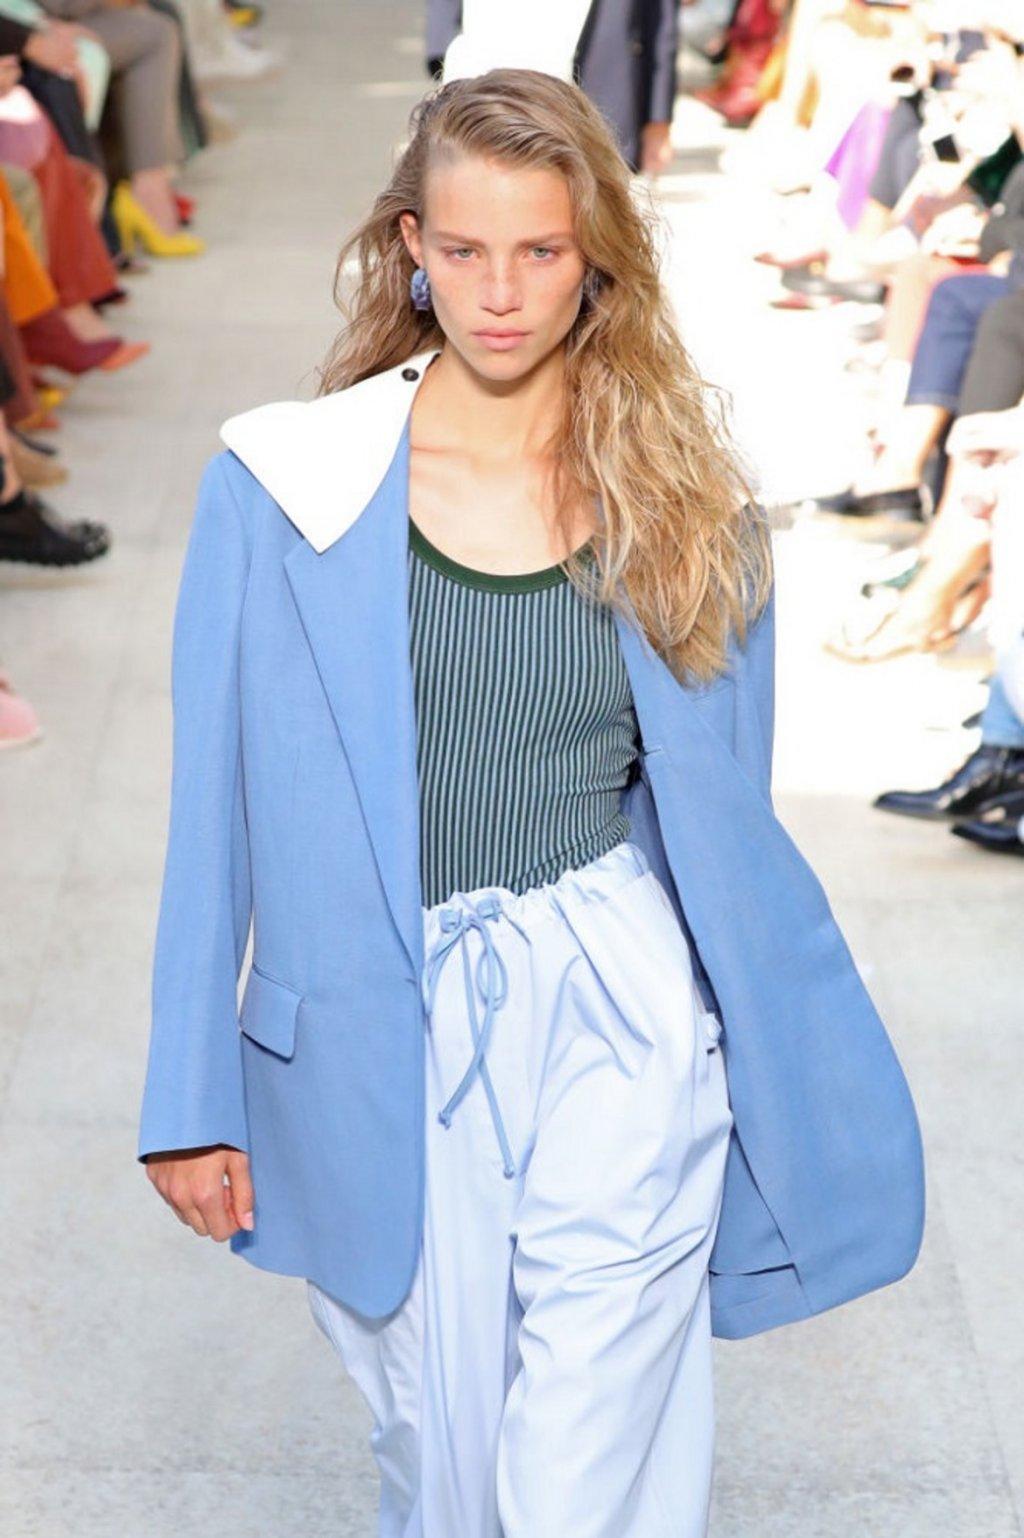 Голямата диско яка   Модата на голяма диско яка не е отминала, дори напротив. Сега тя се завръща върху палта, якета и ризи, както видяхме в колекциите на Lanvin, Ferragamo и JW Anderson.  На снимката: модел на Salvatore Ferragamo